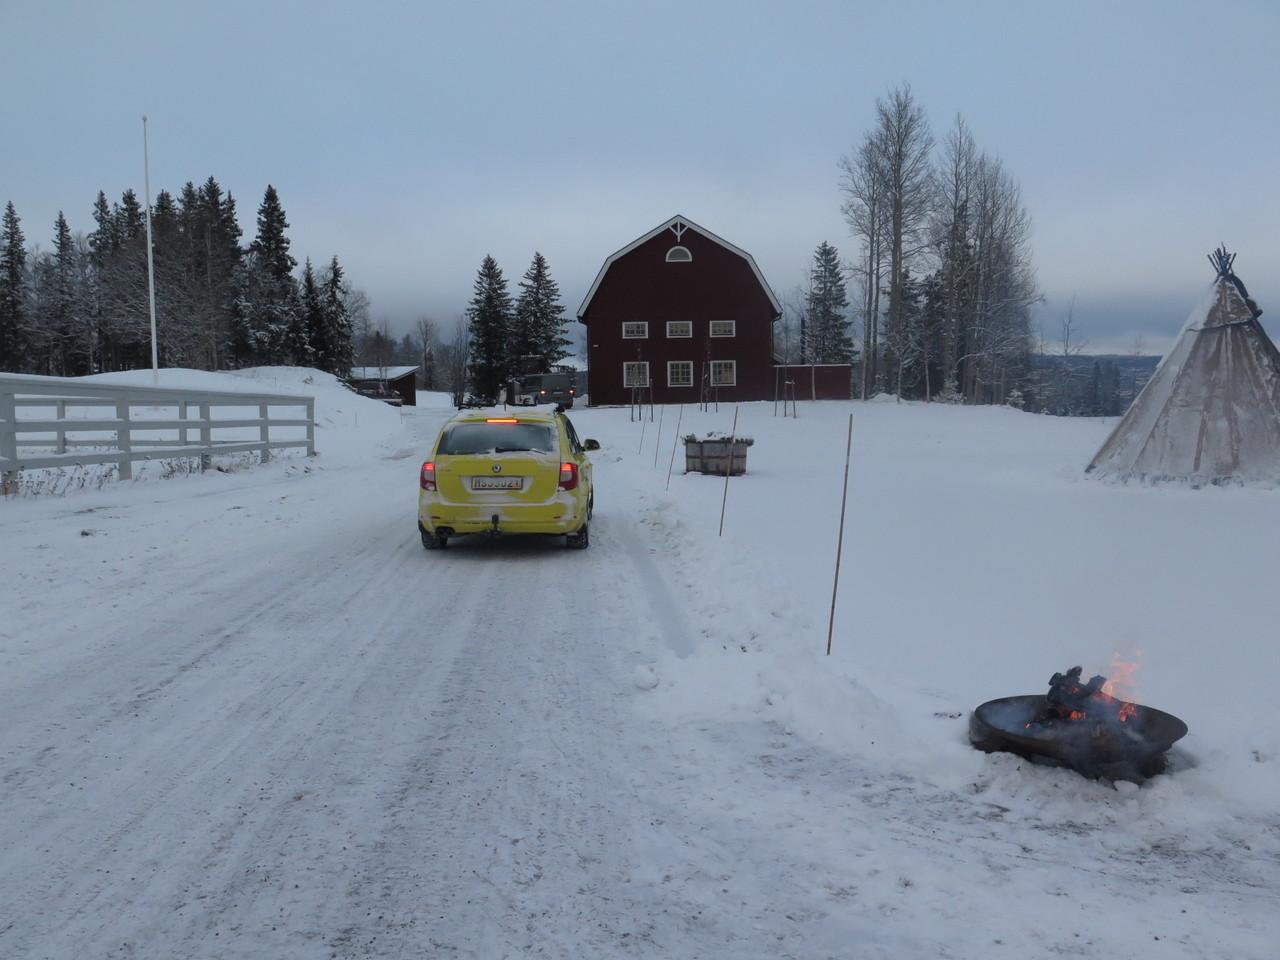 Entretanto, o táxi prosseguiu viagem… ou seja, foi até lá ao fundo fazer inversão de marcha para regressar a Åre